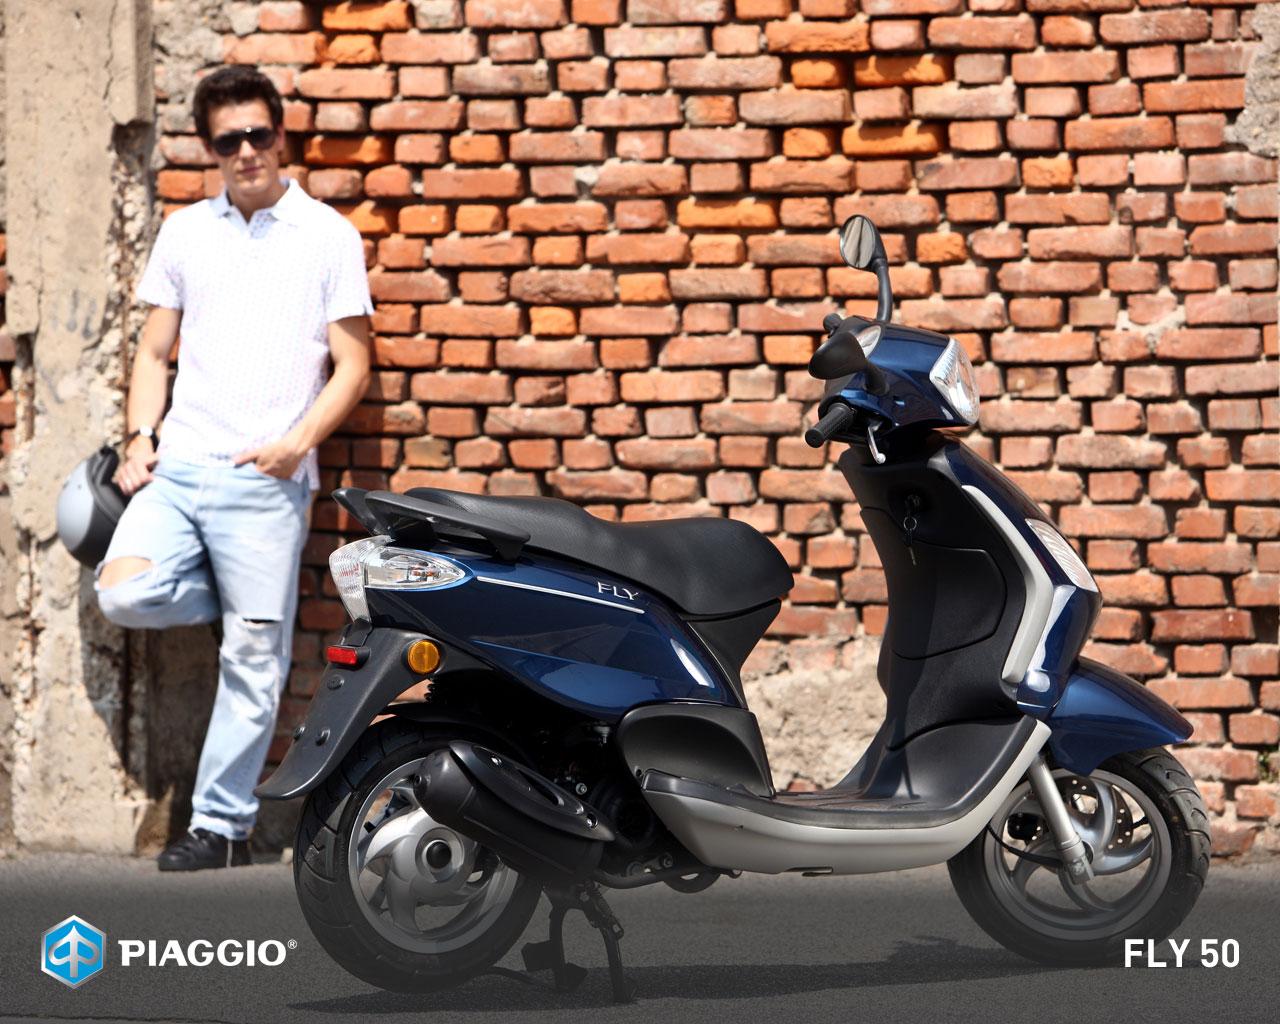 piaggio fly 50 specs - 2008, 2009 - autoevolution